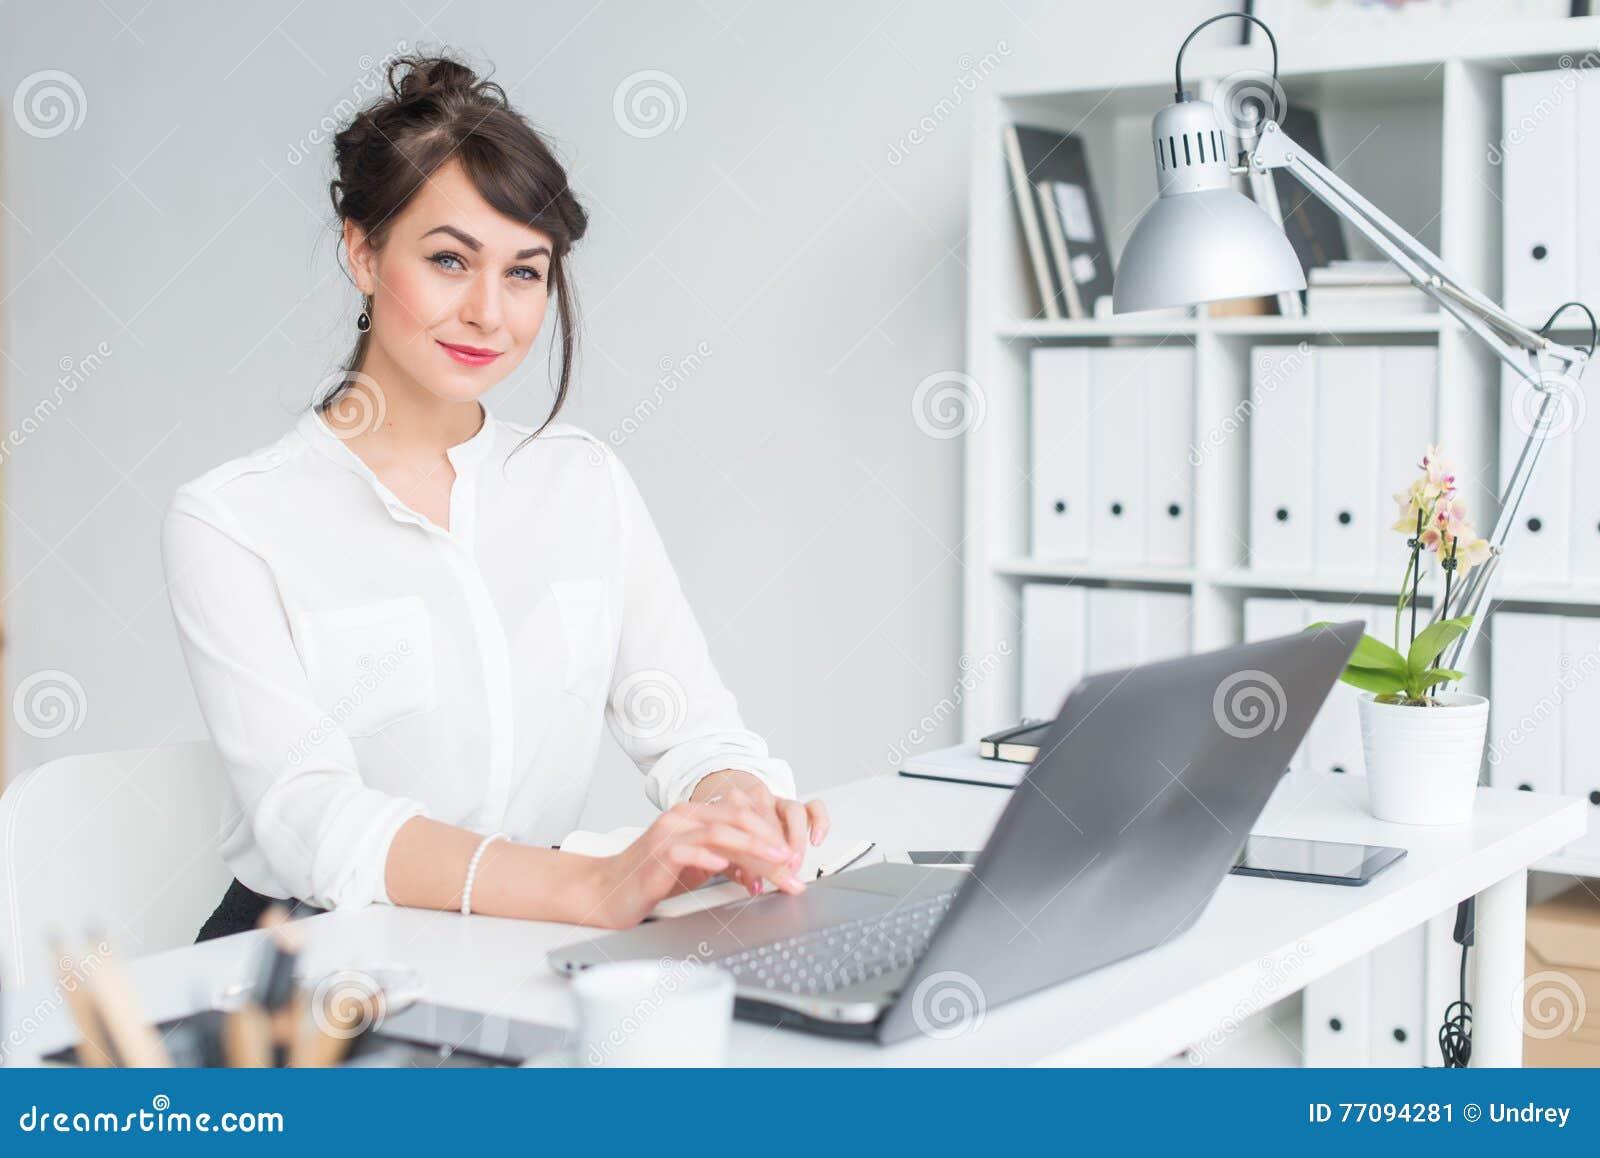 Zakończenie portret bizneswoman przy jej miejscem pracy pracuje z komputerem osobistym, patrzejący w kamerze, jest ubranym biurow